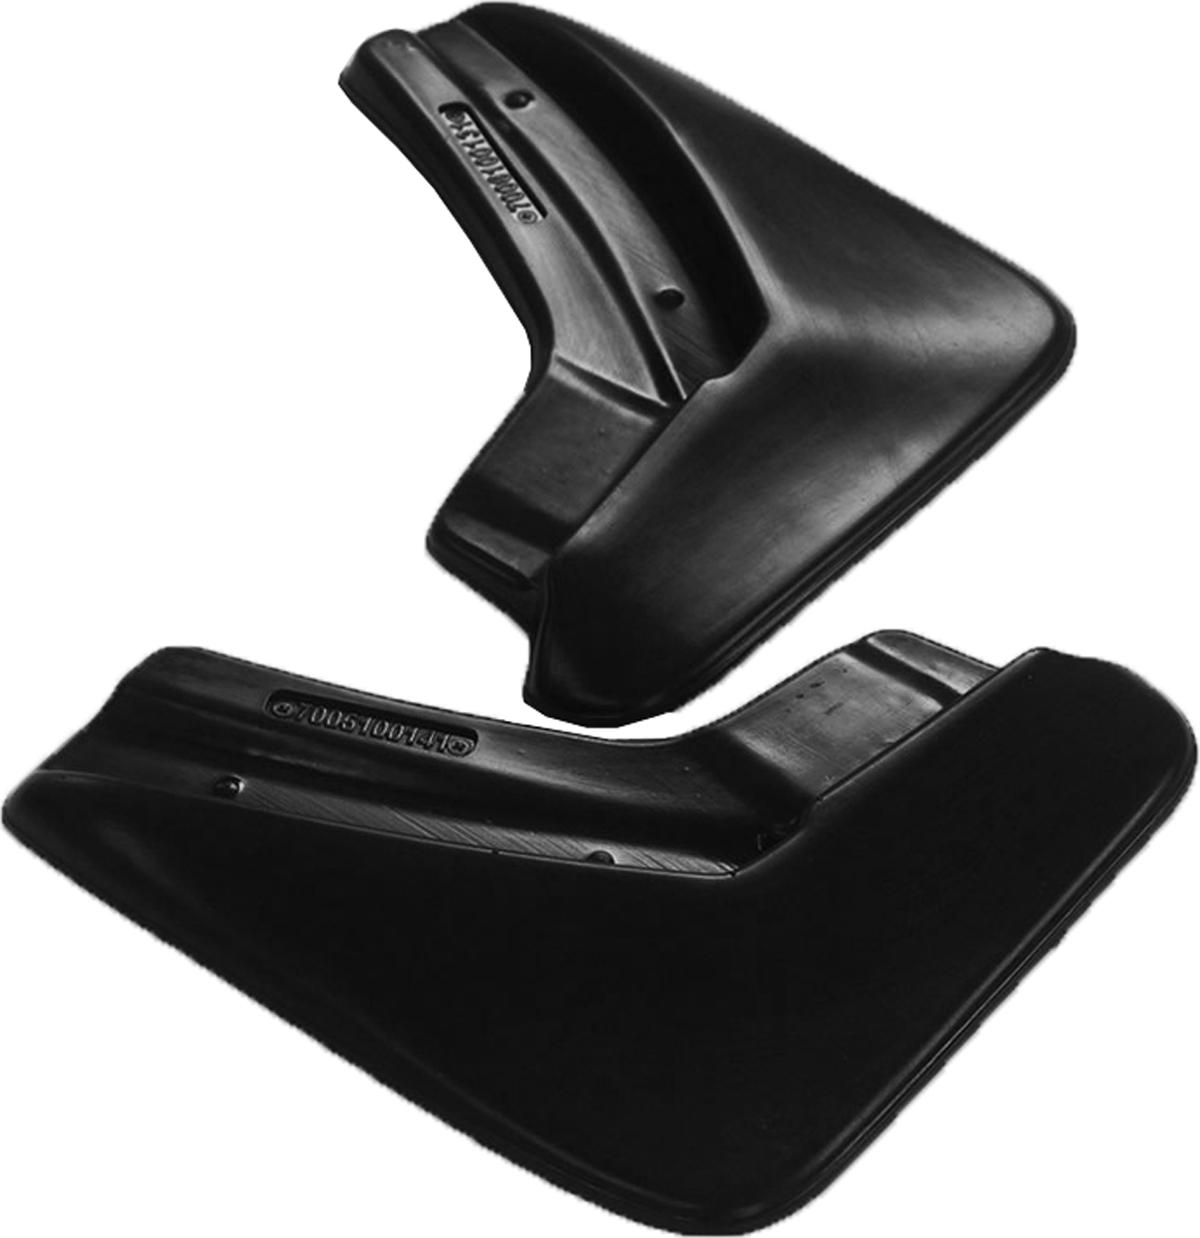 Комплект задних брызговиков L.Locker, для Renault Koleos (08-)7011012551Брызговики L.Locker изготовлены из высококачественного полиуретана. Уникальный состав брызговиков допускает их эксплуатацию в широком диапазоне температур: от -50°С до +80°С. Эффективно защищают кузов автомобиля от грязи и воды - формируют аэродинамический поток воздуха, создаваемый при движении вокруг кузова таким образом, чтобы максимально уменьшить образование грязевой измороси, оседающей на автомобиле. Разработаны индивидуально для каждой модели автомобиля, с эстетической точки зрения брызговики являются завершением колесной арки.